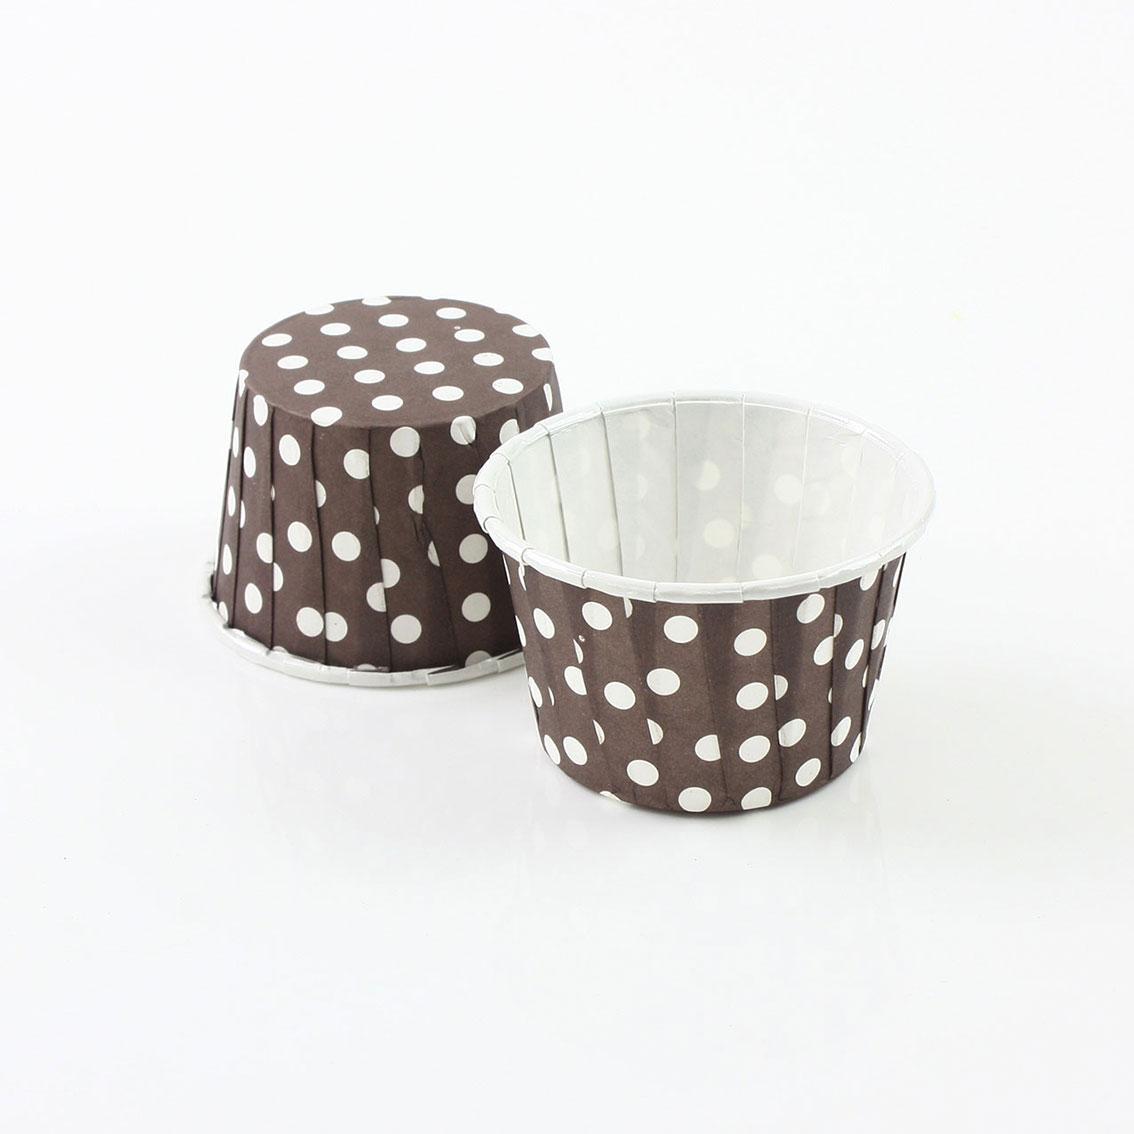 瑪芬杯、杯子蛋糕、捲口杯 PET4435-04 圓點咖啡(100pcs/包)